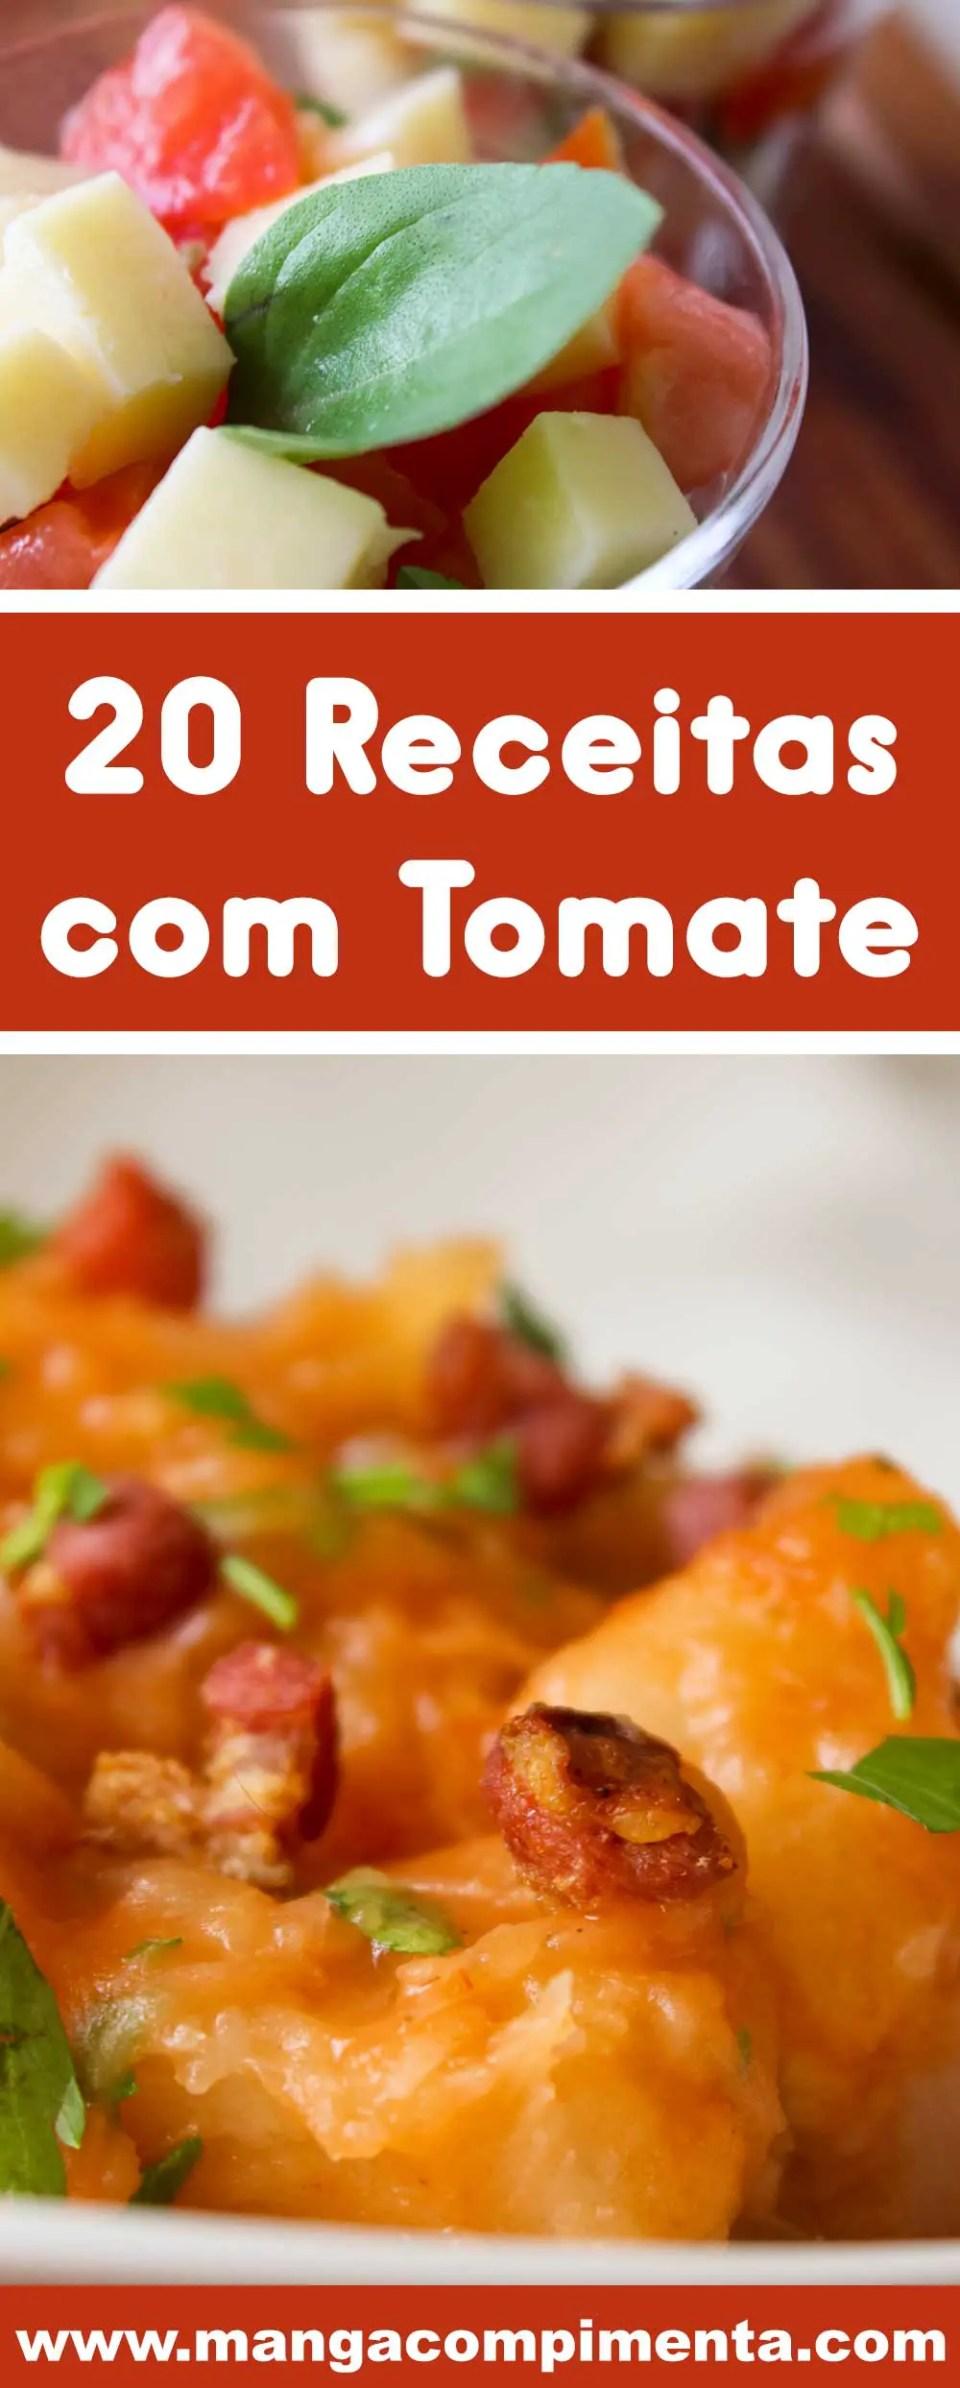 Confira 20 Receitas com Tomate - pratos deliciosos para qualquer ocasião!